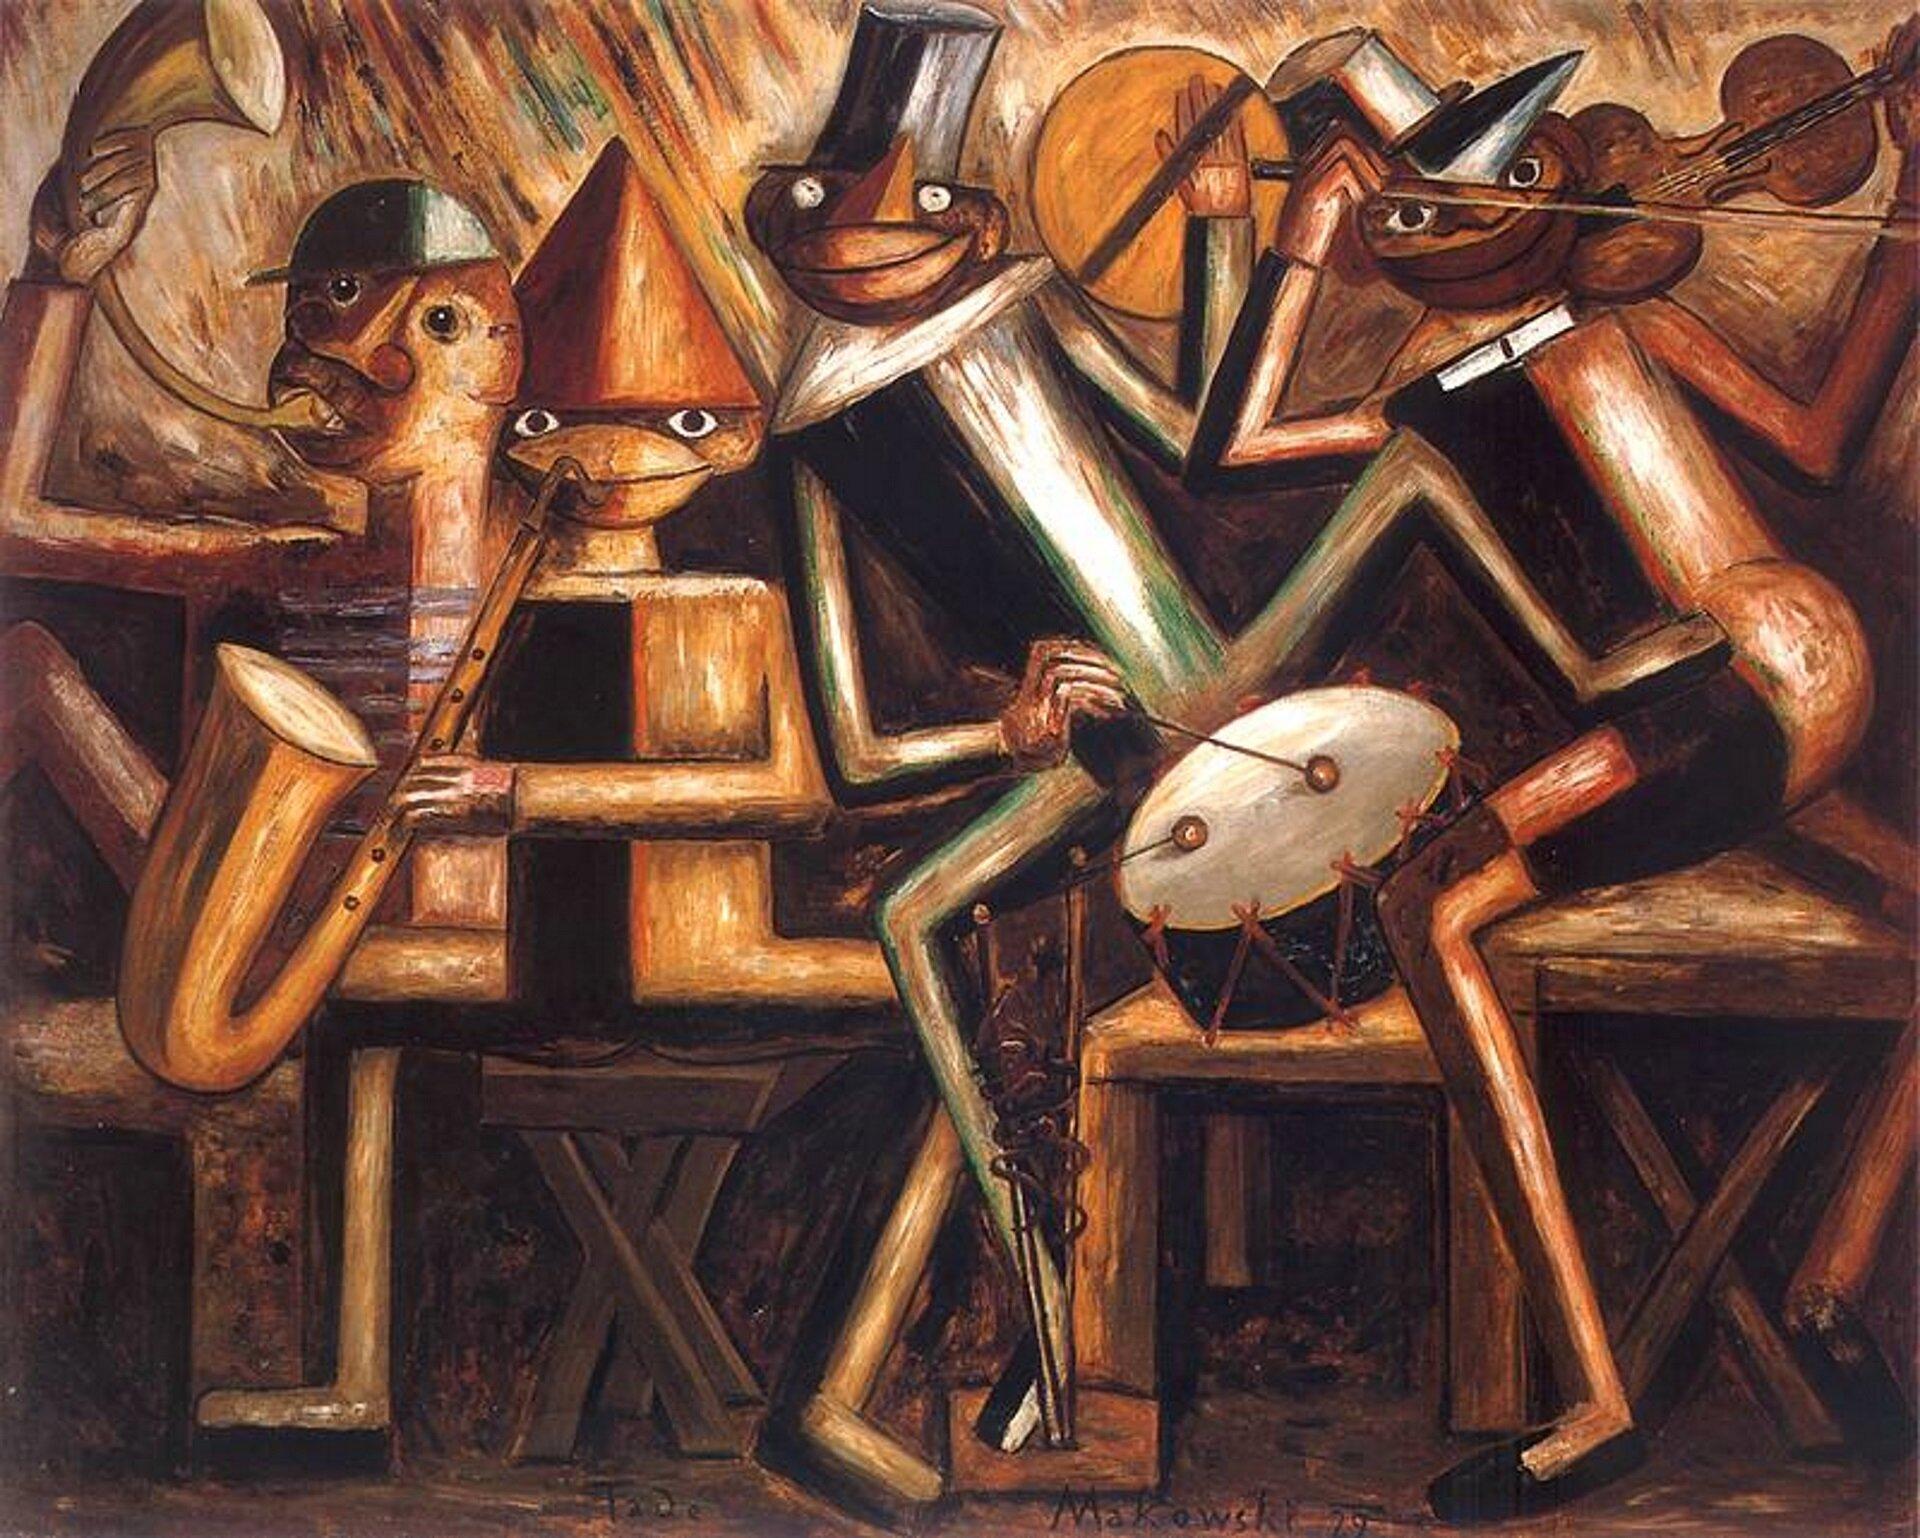 """Ilustracja przedstawia obraz pt. """"Jazz"""" autorstwa Tadeusza Makowskiego. Obraz namalowany został techniką olejną, ajego rozmiary to 132x163cm. Płótno przedstawia cztery postacie ogeometrycznych, przypominających drewniane figury kształtach. Ich pozycje są zróżnicowane, każda dzierży instrument muzyczny. Zlewej strony siedzi trębacz, obok niego przedstawiony jest saksofonista, perkusista zbębnem italerzem oraz skrzypek zharmonijką ustną. Sylwetki ukazane są wsposób dynamiczny, zdają się autentycznie przeżywać muzykę, wpełni integrować zrytmem imelodią, poruszać się wich takt. Twarze grajków, chociaż mocno uproszczone, wyrażają zadowolenie, co sugerują uśmiechy iprzymrużone oczy. Cała scena rozgrywa się najprawdopodobniej wbliżej nieokreślonym lokalu, gdyż muzycy siedzą na drewnianych taboretach. Za nimi umieszczona jest ściana ozróżnicowanych barwach oscylujących wokół ciepłych odcieni brązu izieleni, upstrzona błyszczącymi refleksami światła. Kolorystyka dzieła jest ciepła, radosna idynamiczna – jak jego kompozycja"""